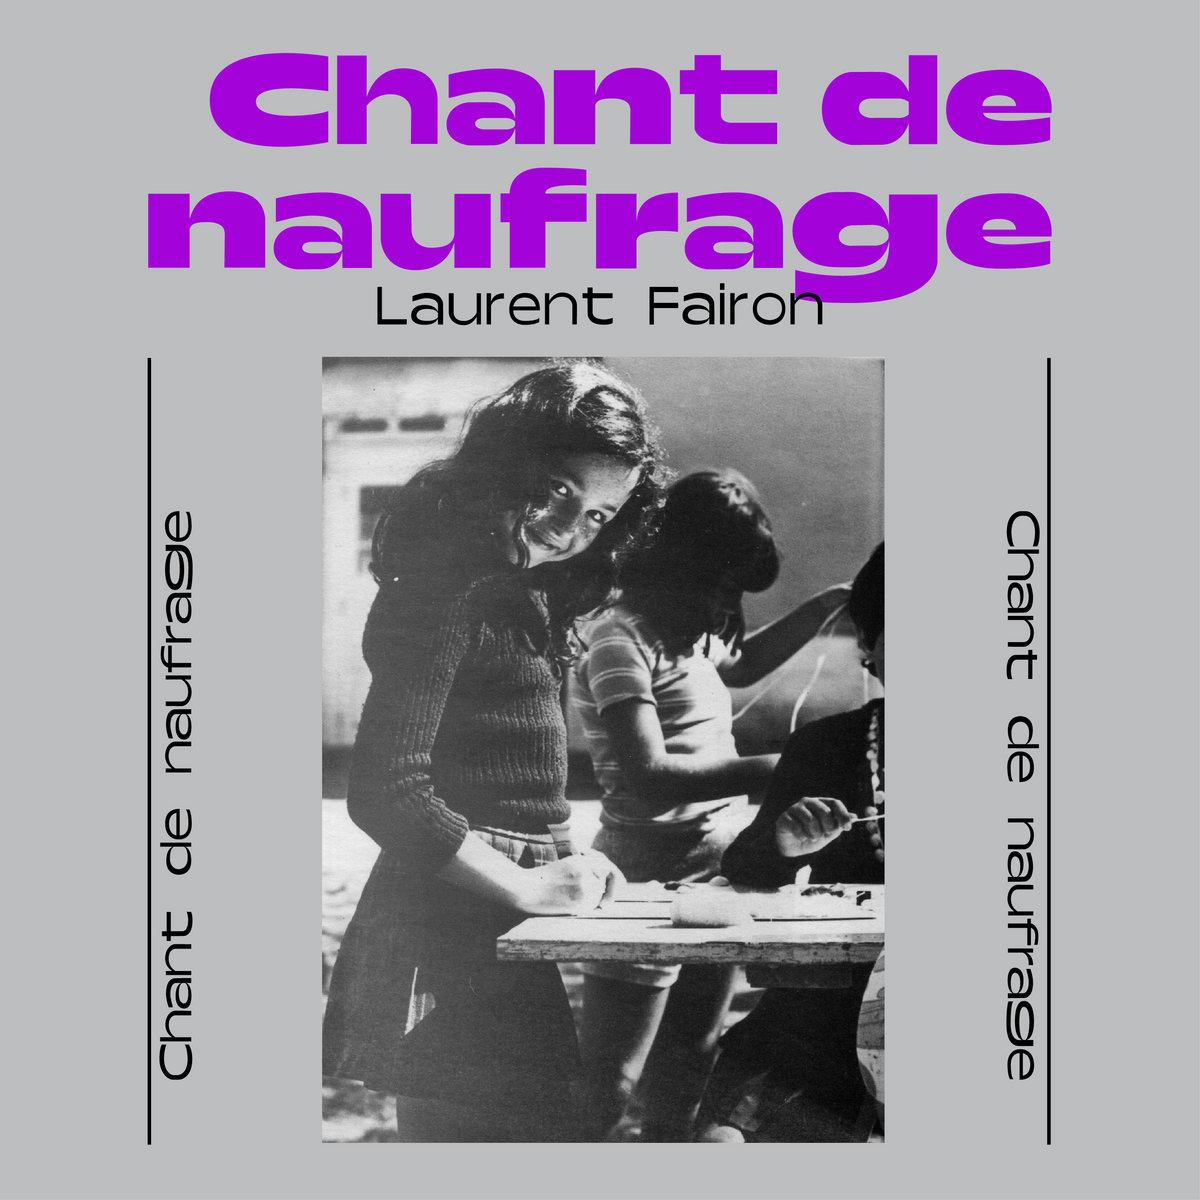 Laurent Fairon – Chant de Naufrage